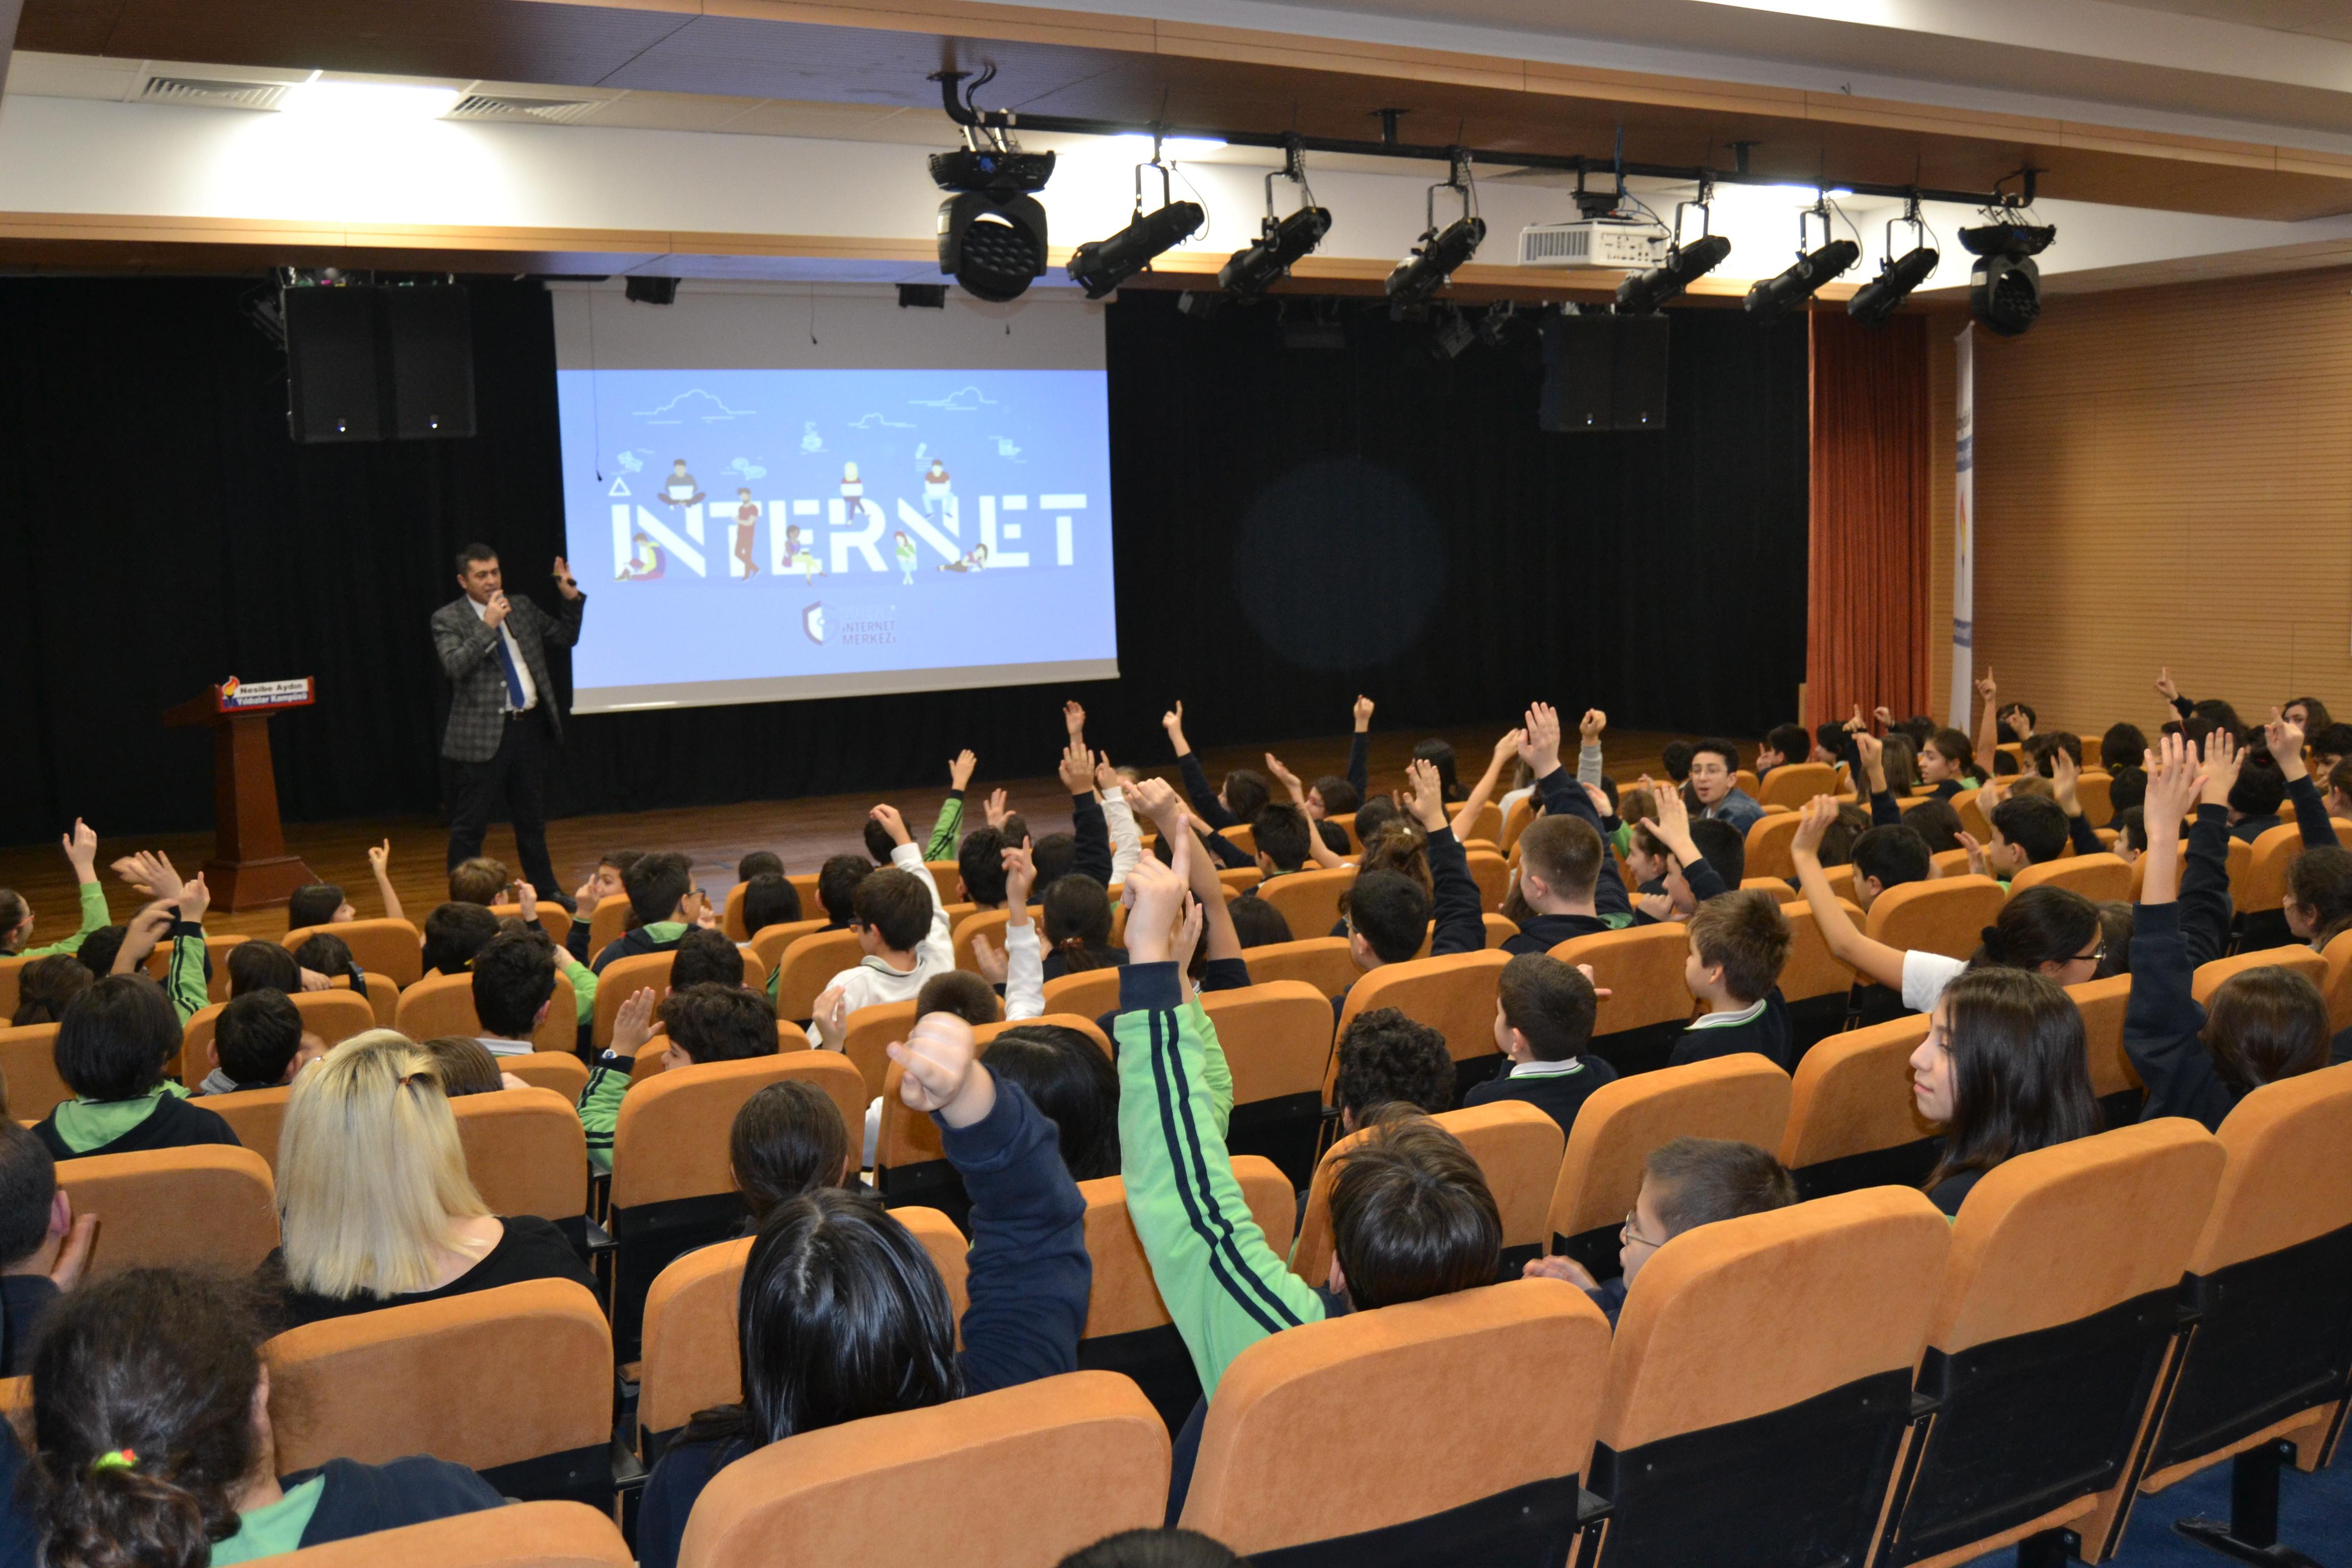 Nesibe Aydın Yıldızlar Kampüsü'nde Ortaokul Öğrencilerine, Bilinçli ve Güvenli İnternet Semineri